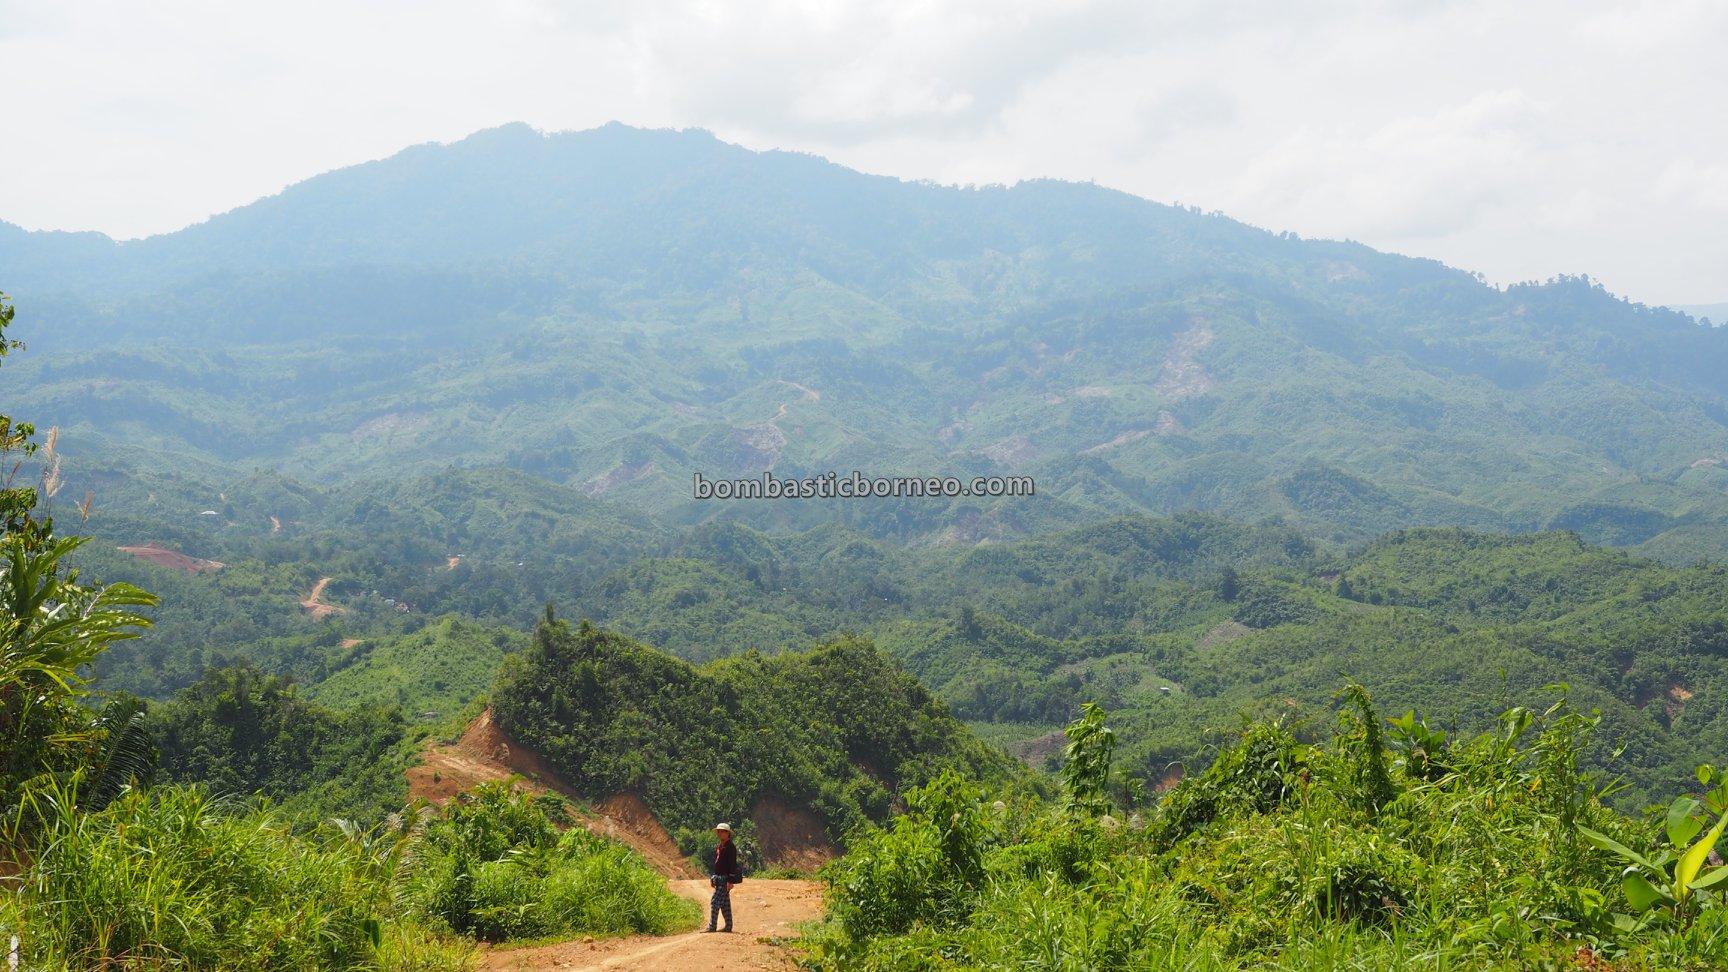 Sungkung Anep, Dusun Medeng, adventure, motorbike ride, exploration, Bengkayang, Indonesia, West Kalimantan, Dayak Bidayuh, native, Highland, Village, Tourism, travel guide, Trans Borneo,